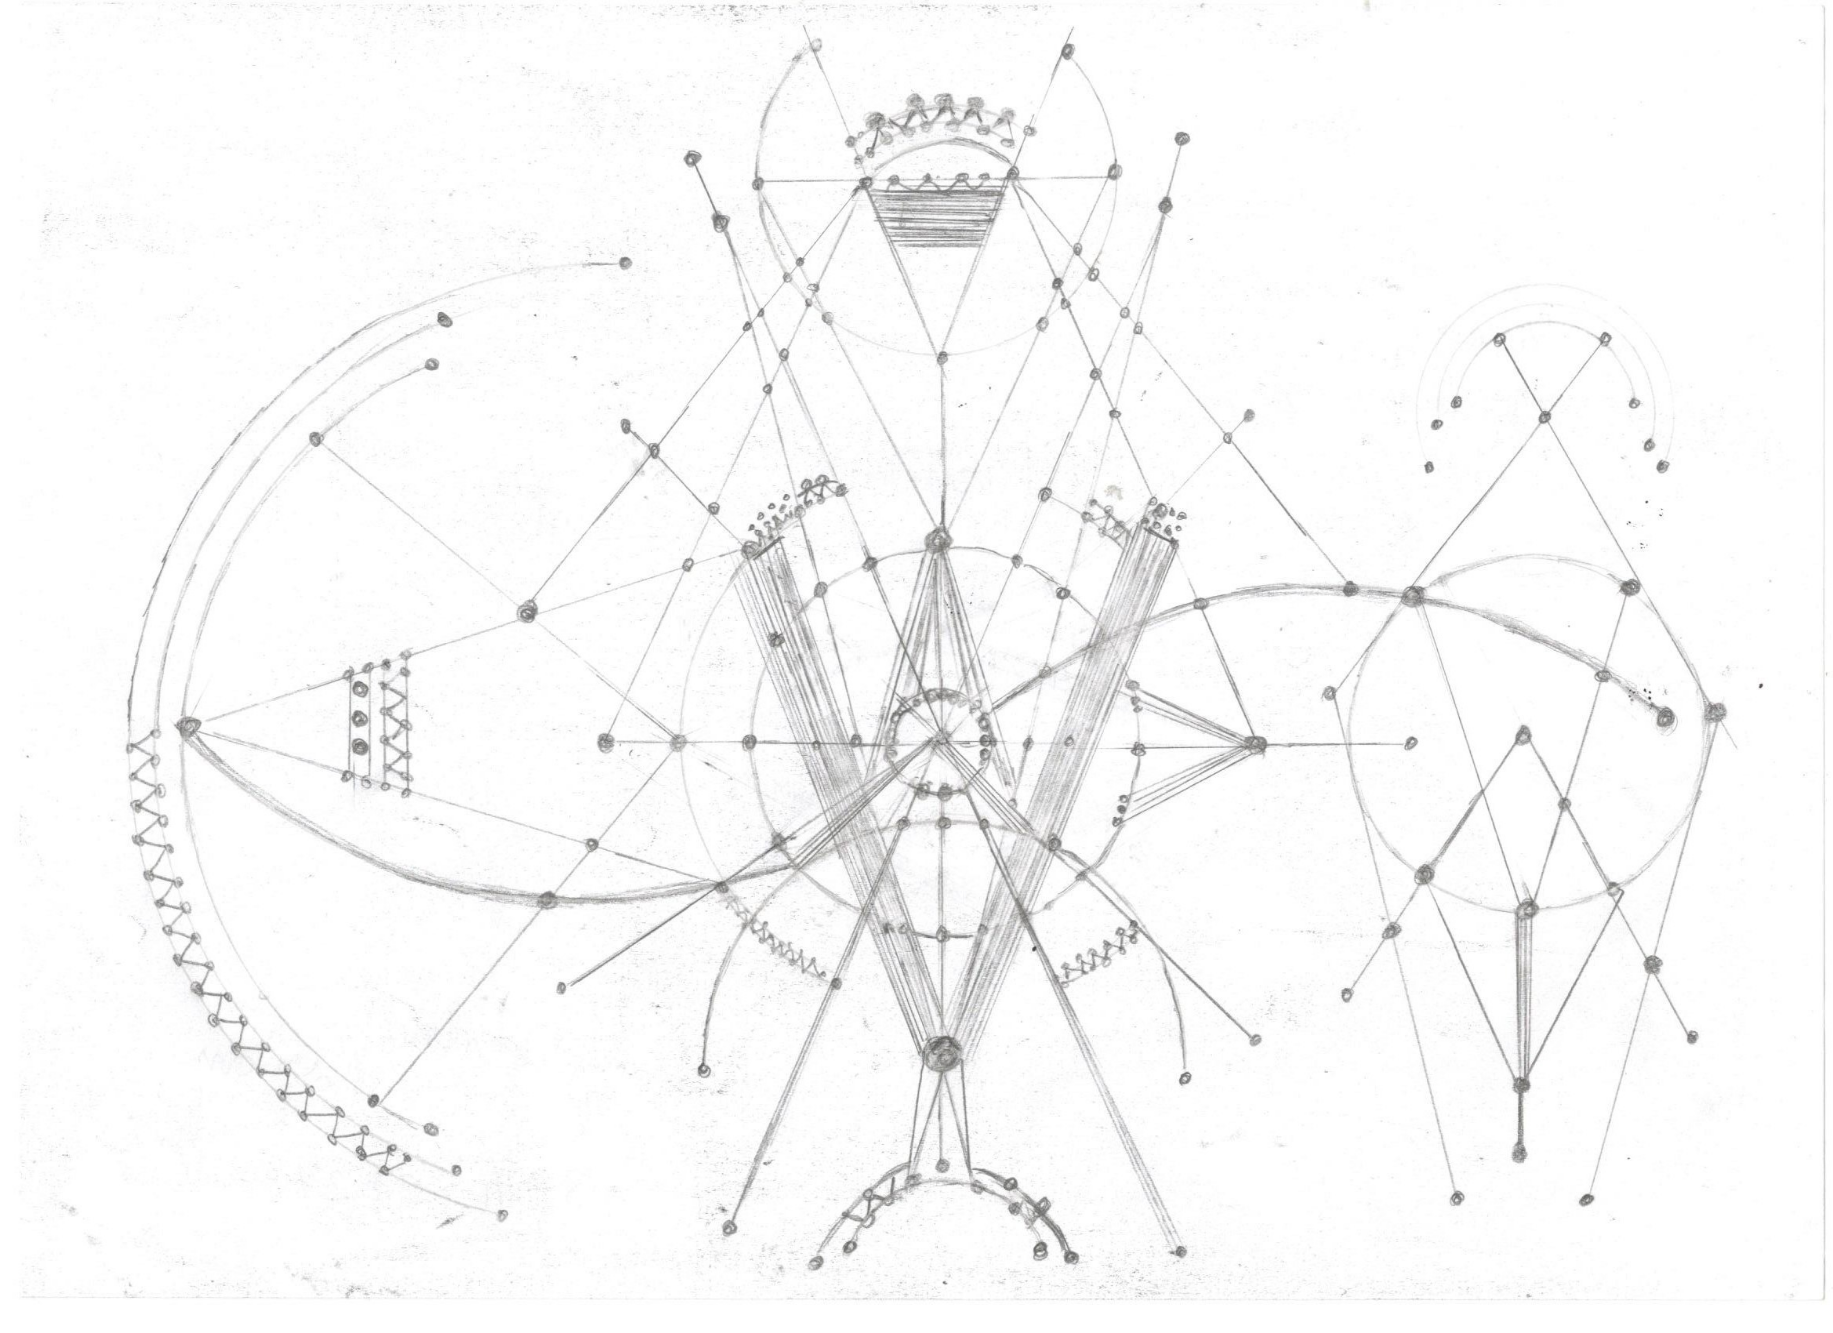 Fractal de dimensiunea a 7-a. Dimenisunea 7 este taramul cosmic al sunetului care genereaza formele geometrice 6D prin rezonanta vibratorie. Sunetul ia nastere din frecventele vibratorii ale corpurilor din Univers care se rotesc si orbiteaza. Sunetul reprezinta vibratia moleculelor de aer, pe care le masuram prin oscilatii pe secunda sau hertzi. Frecventele sunt fundamentul a tot ceea ce exista.